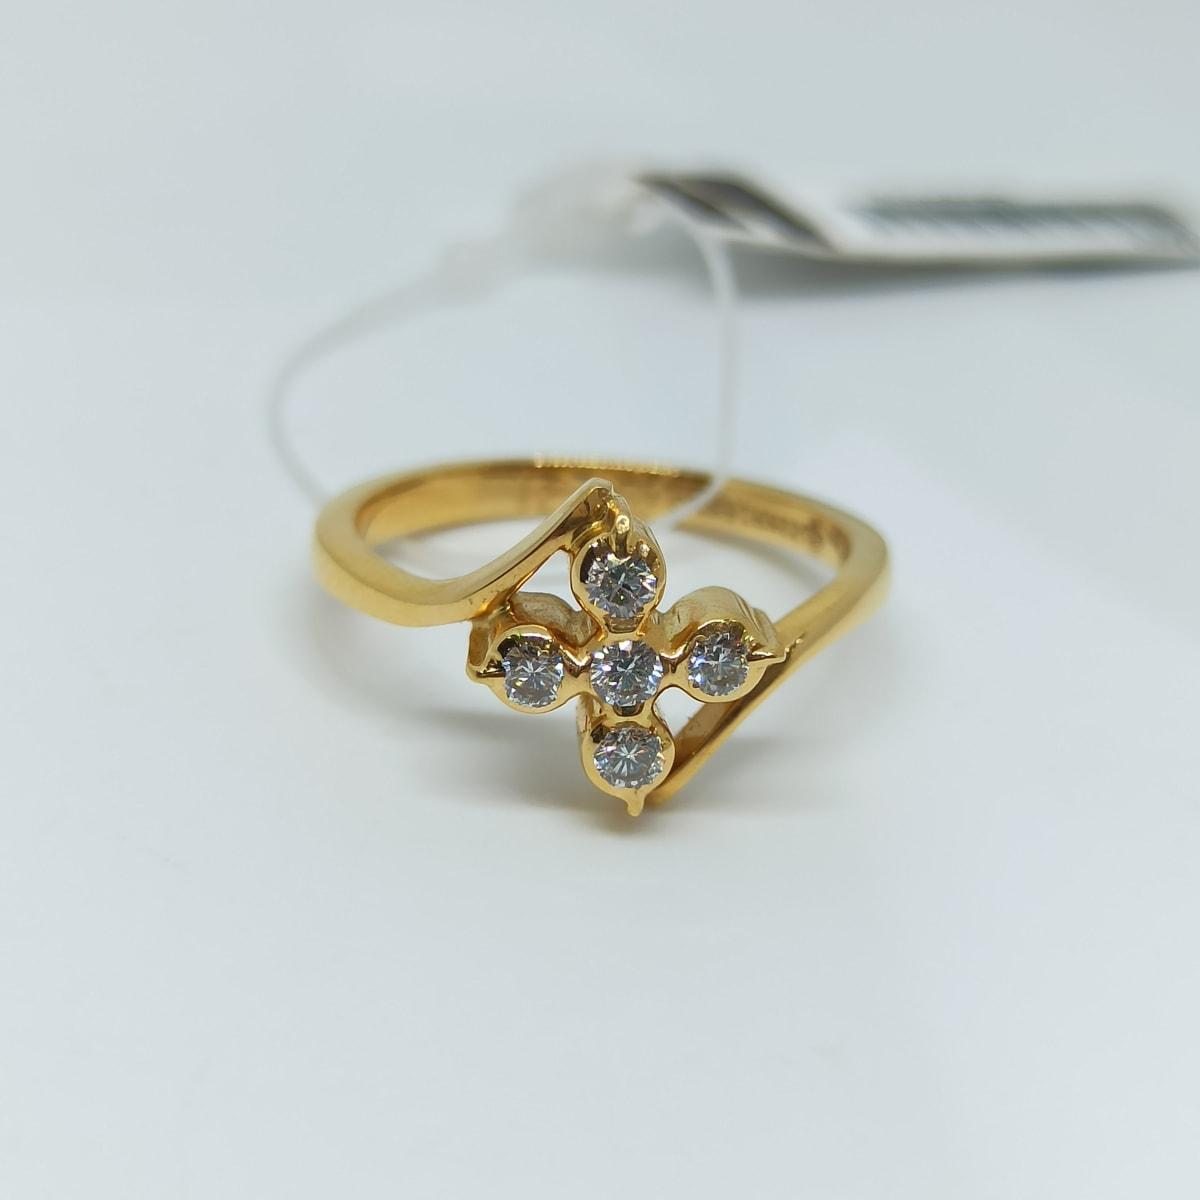 Panchshil Diamond Ring